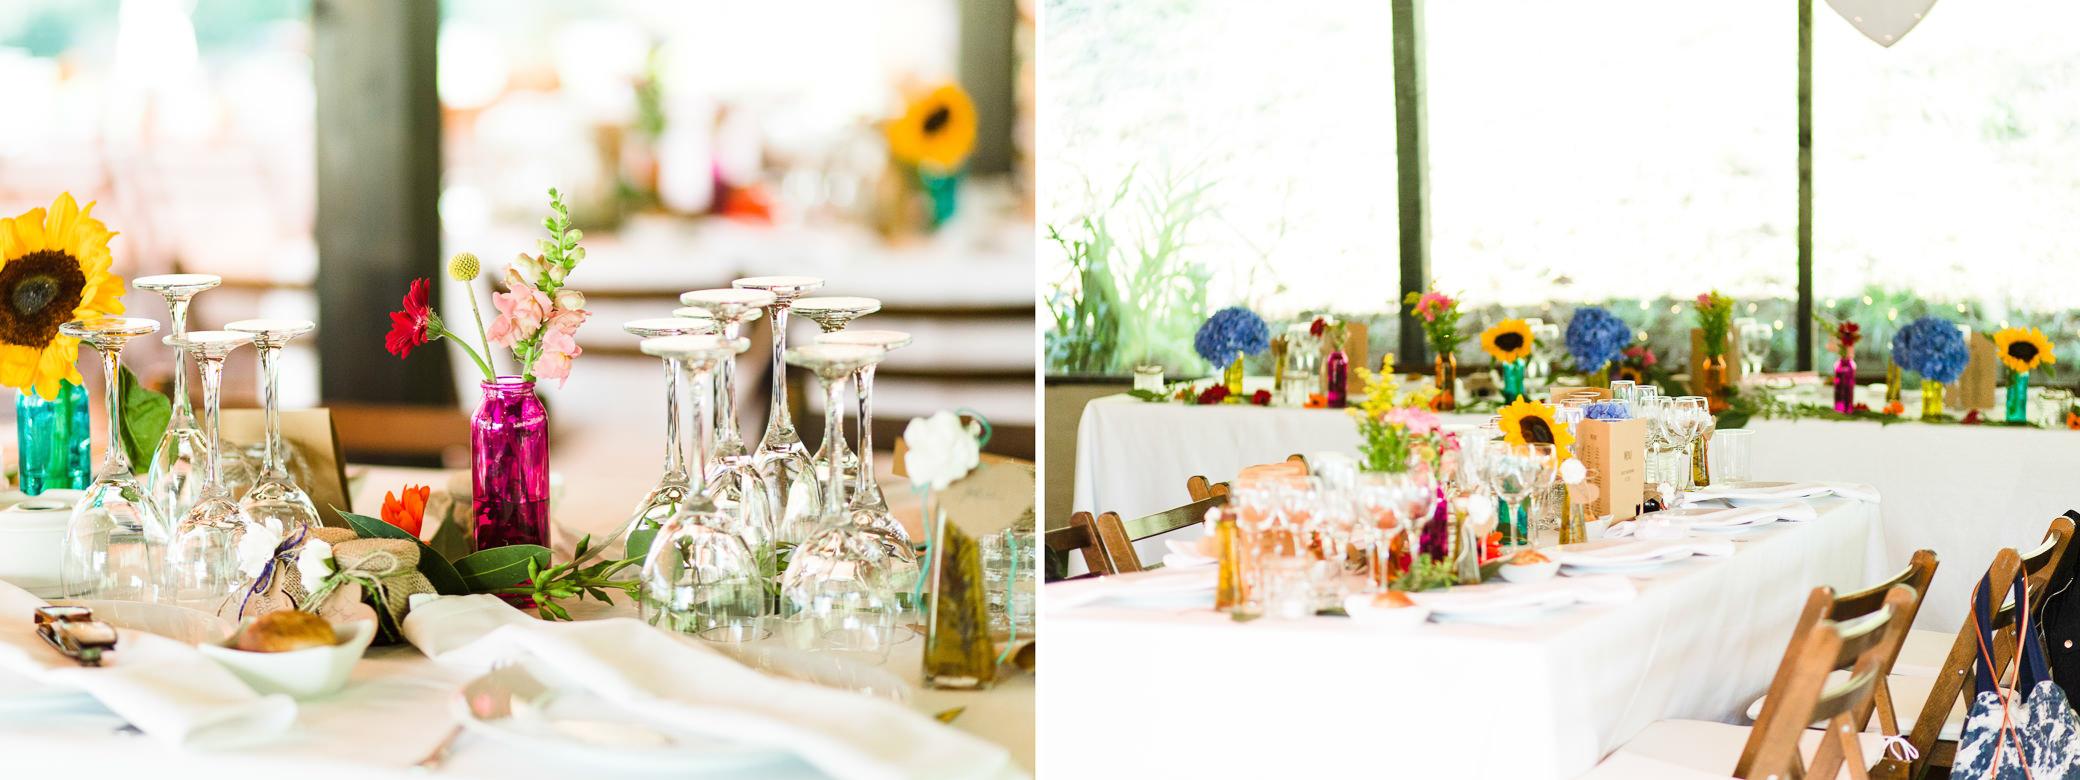 boda-olot-mas-can-batlle-destination-wedding-photografeel-48.jpg